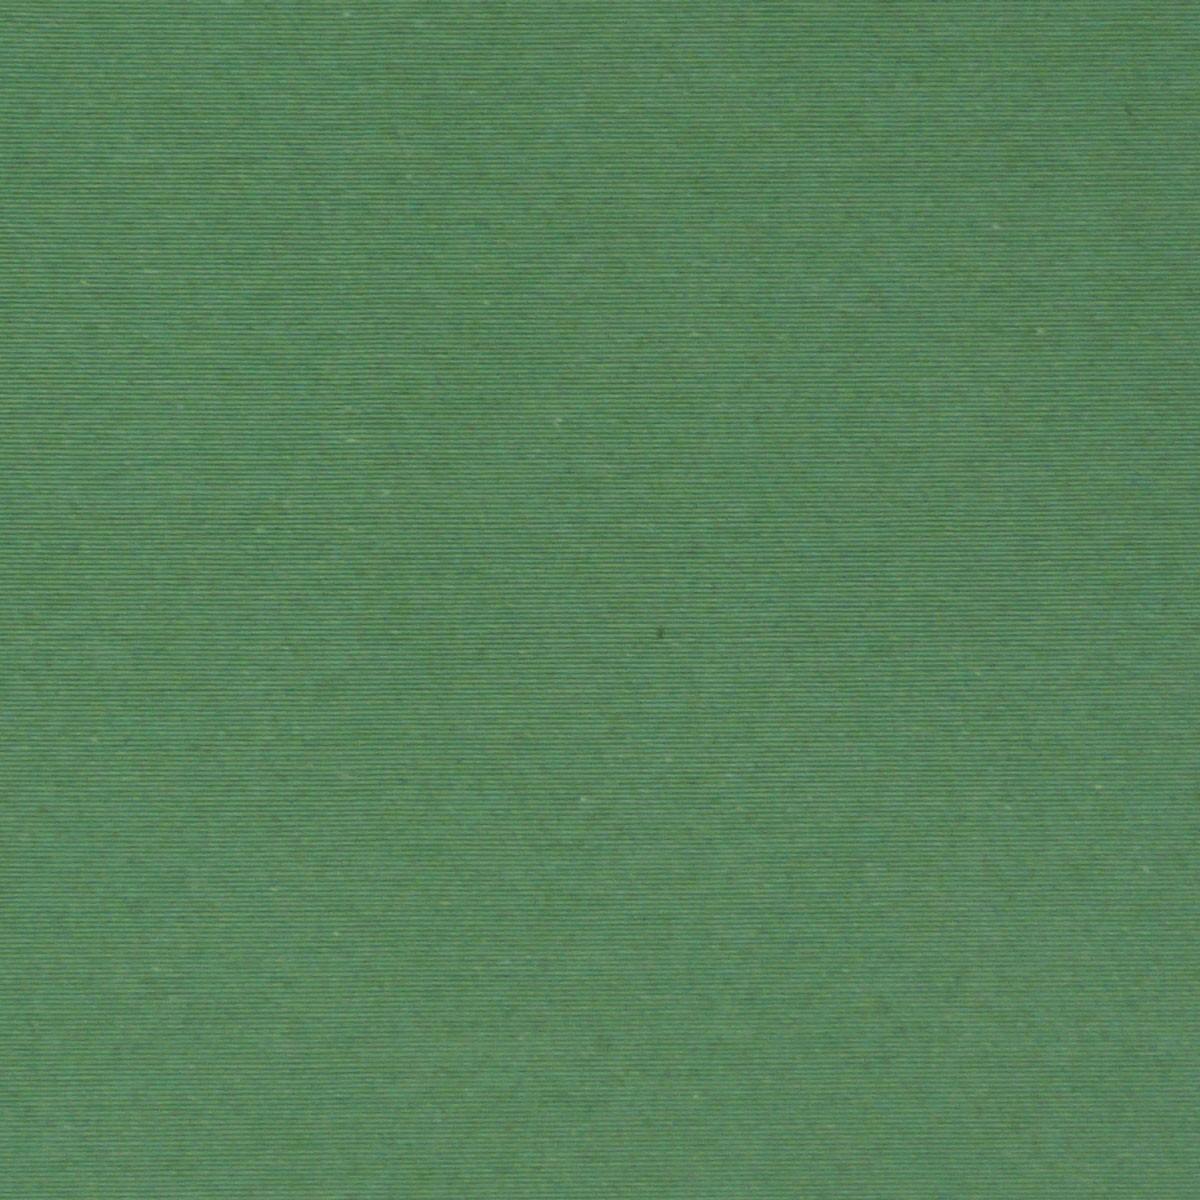 stoff dekostoff uni gr n 1 40m breit stoffe stoffe uni baumwollmischungen. Black Bedroom Furniture Sets. Home Design Ideas